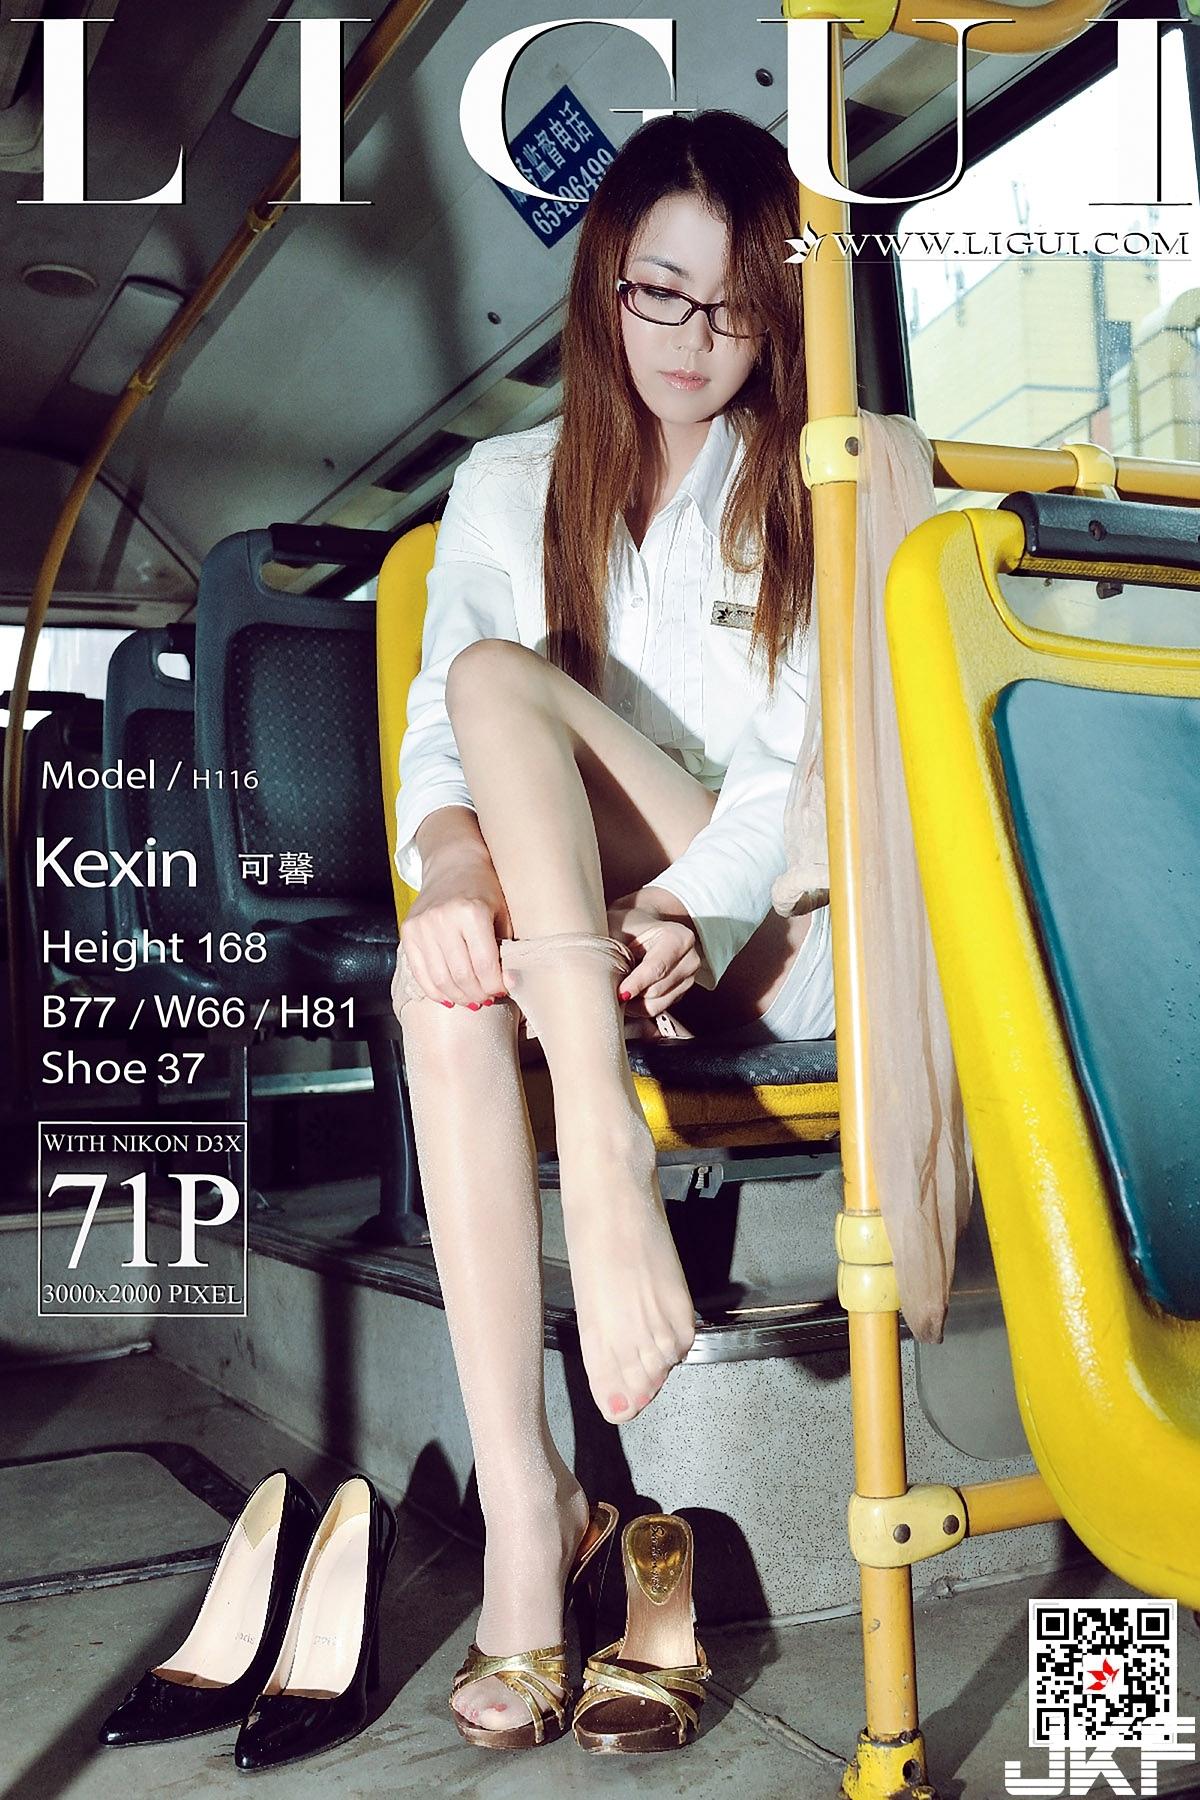 [Ligui麗櫃] 2018.01.07 網絡麗人 Model 可馨 [72P] - 貼圖 - 絲襪美腿 -